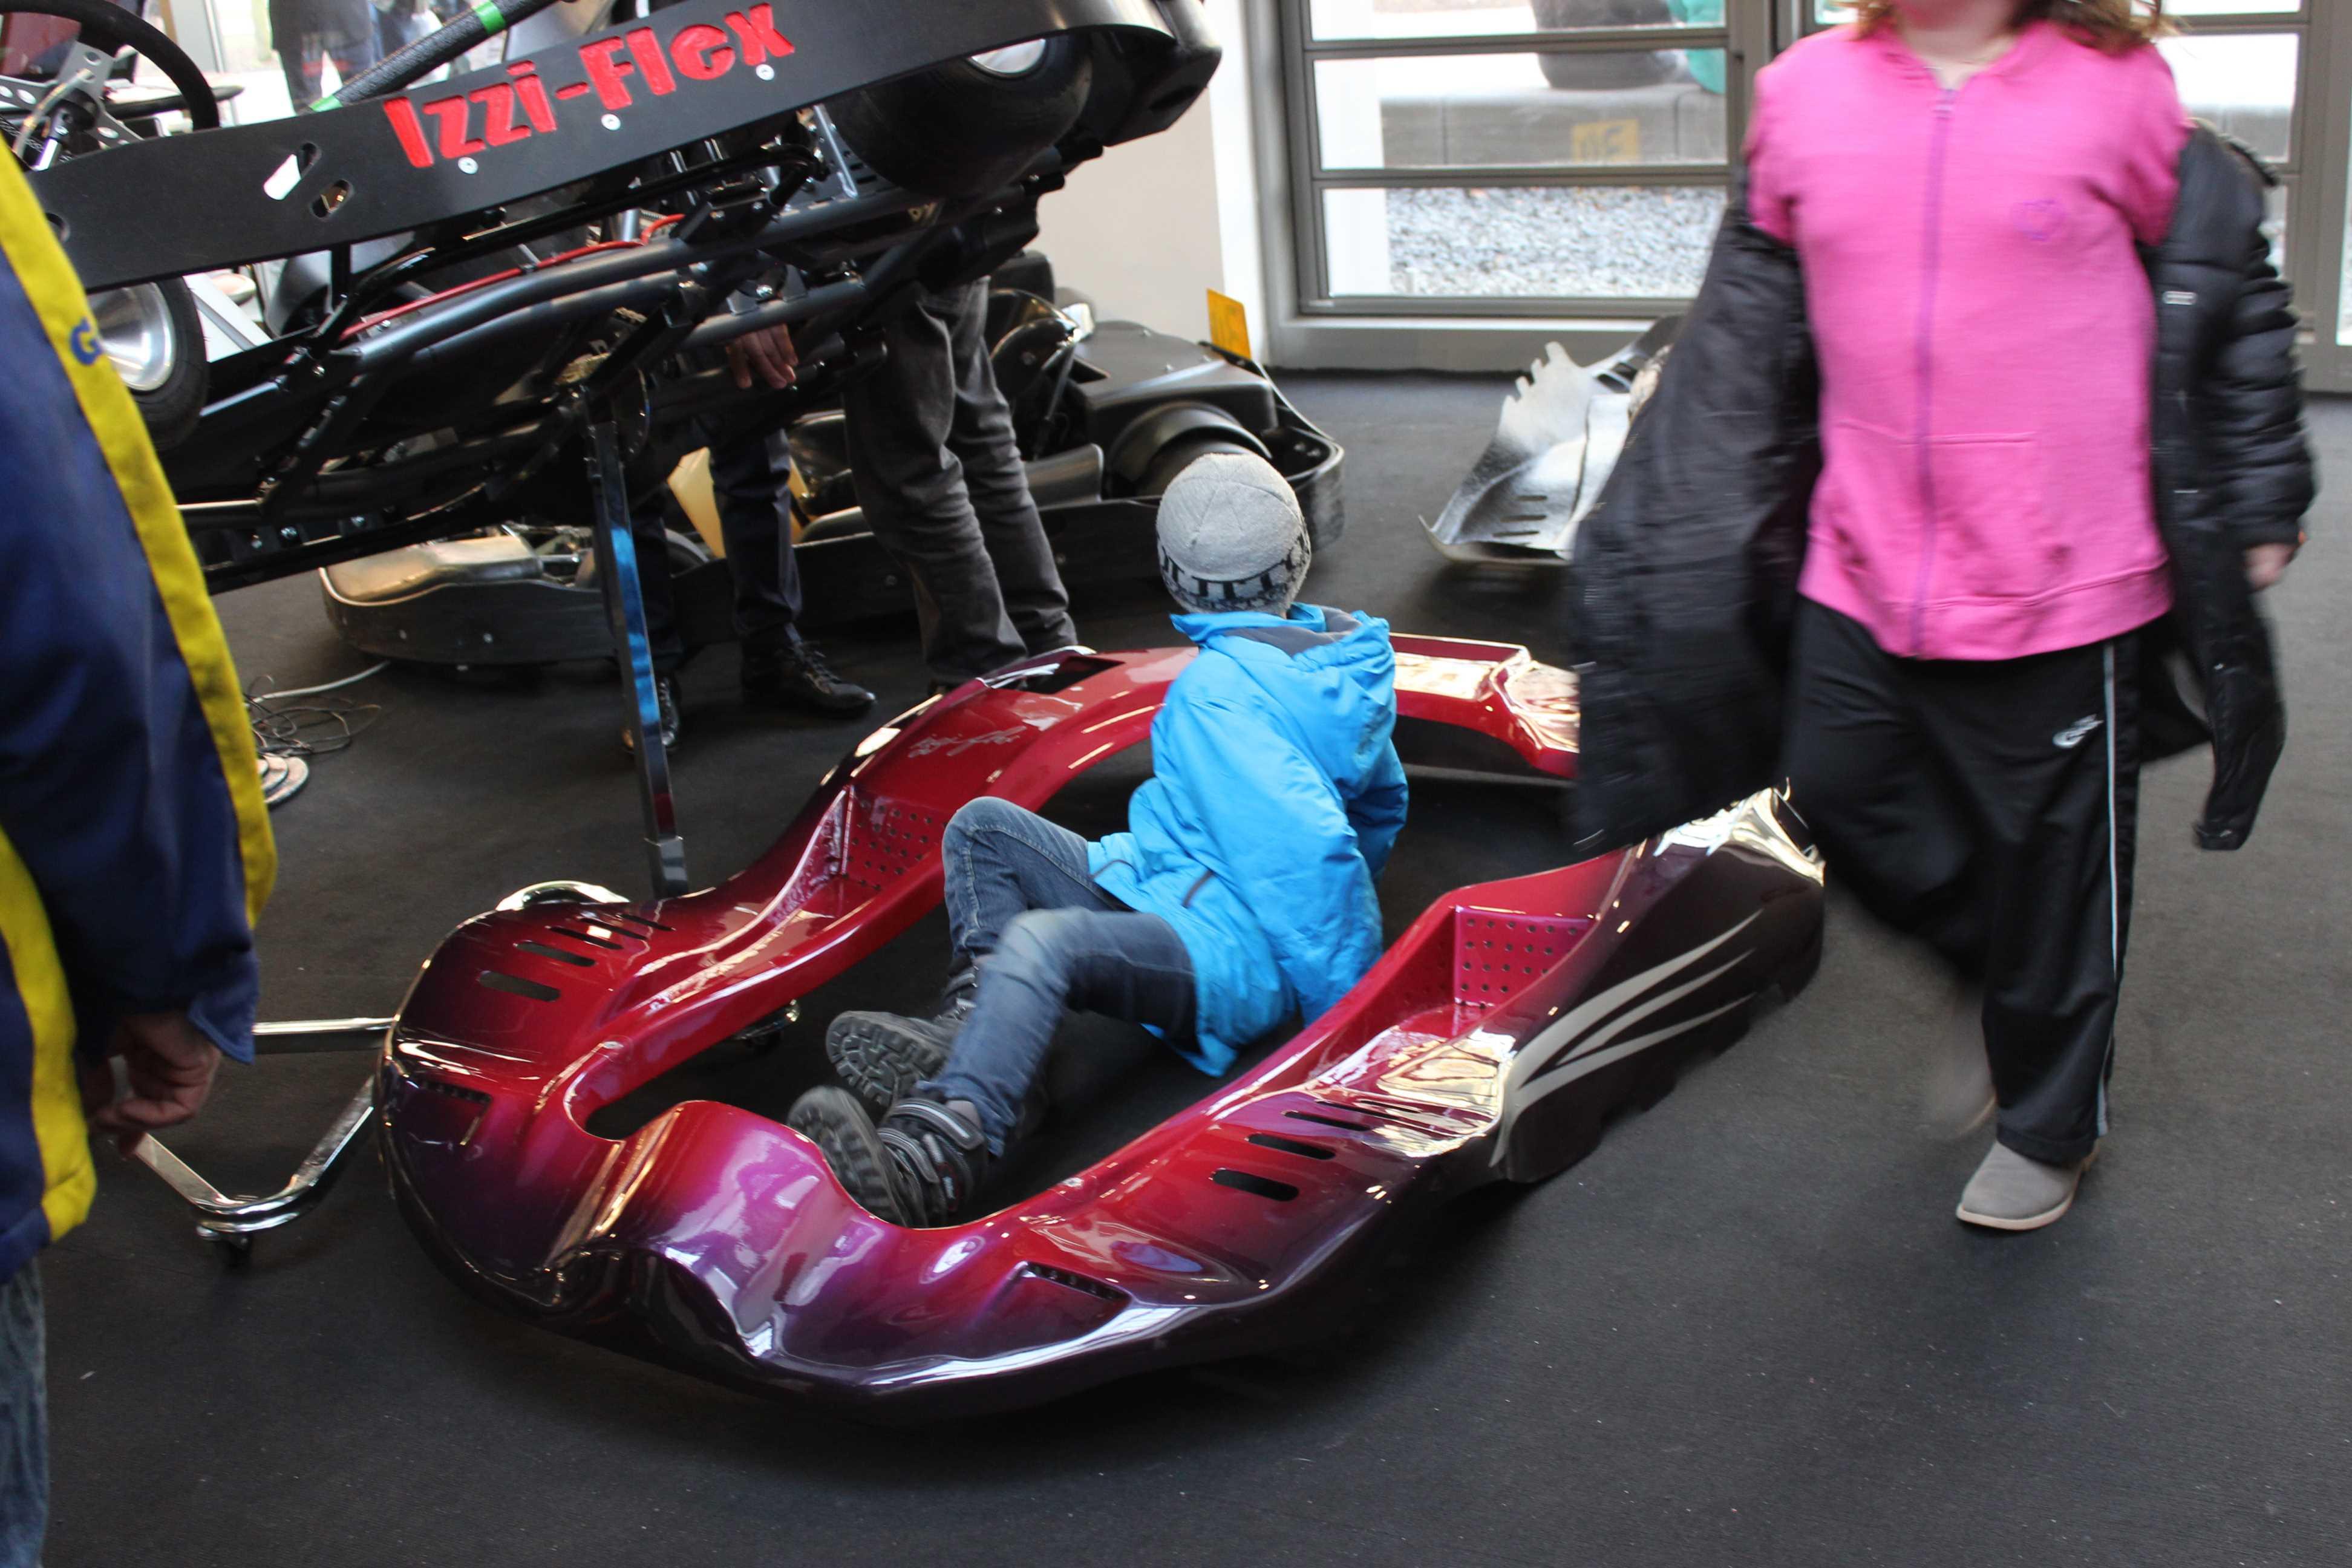 IZZI-FLEX Apresentação na Feira Internacional do Karting Alemanha21